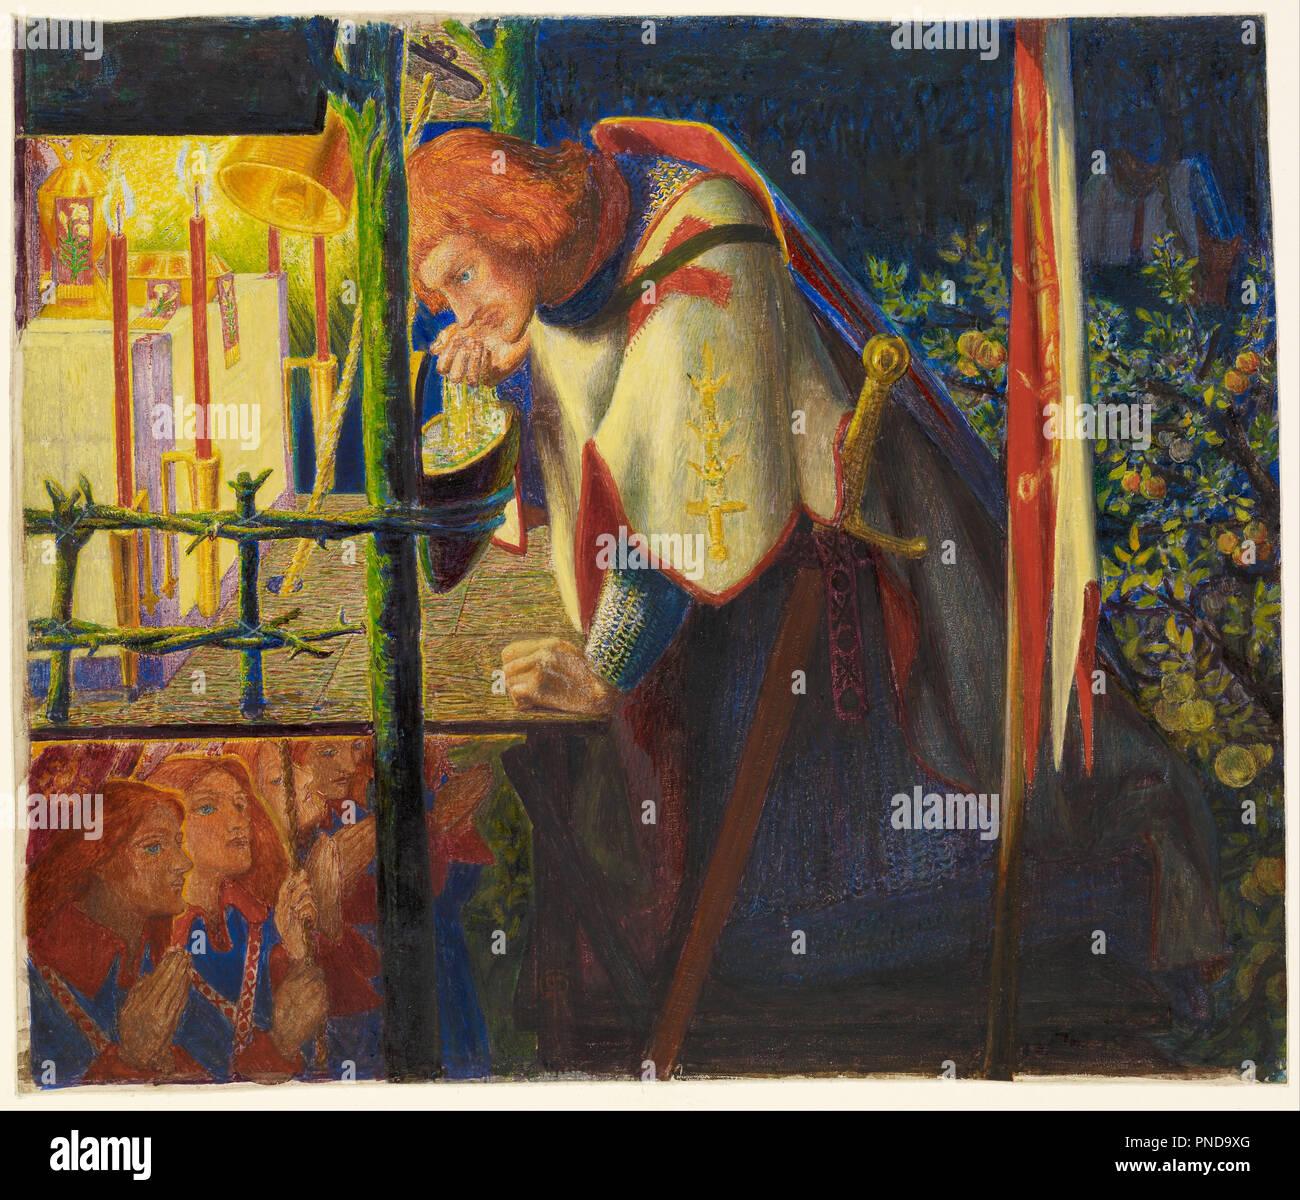 Sir Galahad presso le rovine di una cappella. Data/Periodo: 1857/1859. La pittura. Acquarello e bodycolor con aree di gomma arabica su carta. Larghezza: 345 mm. Altezza: 290 mm. Autore: Dante Gabriel Rossetti. Foto Stock